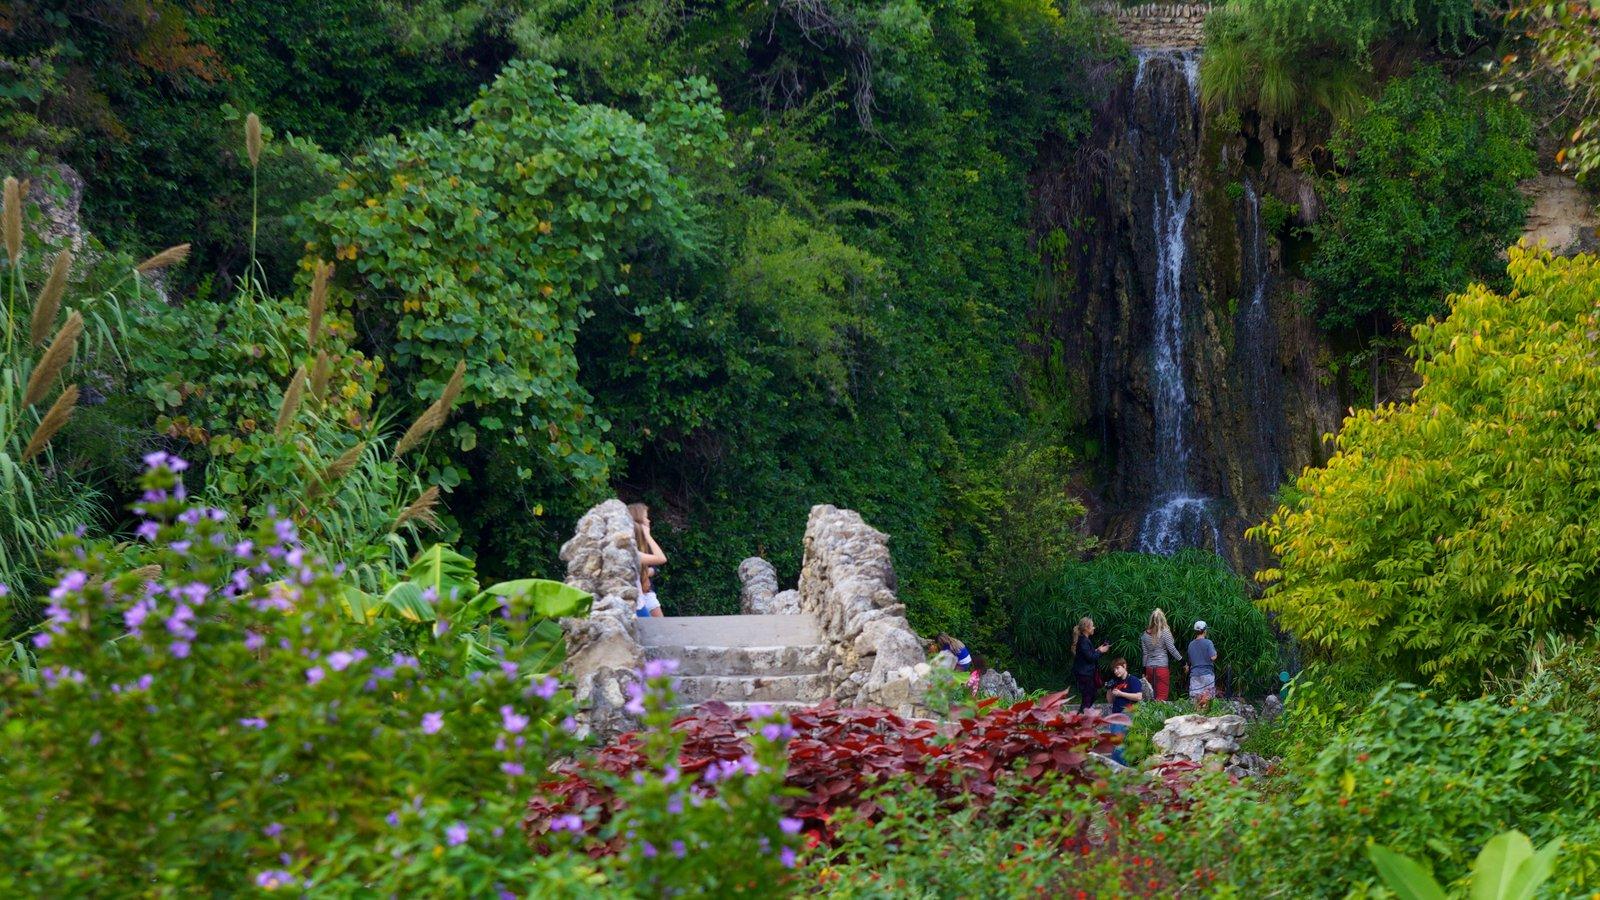 Japanese Tea Gardens caracterizando uma cascata, paisagem e um parque